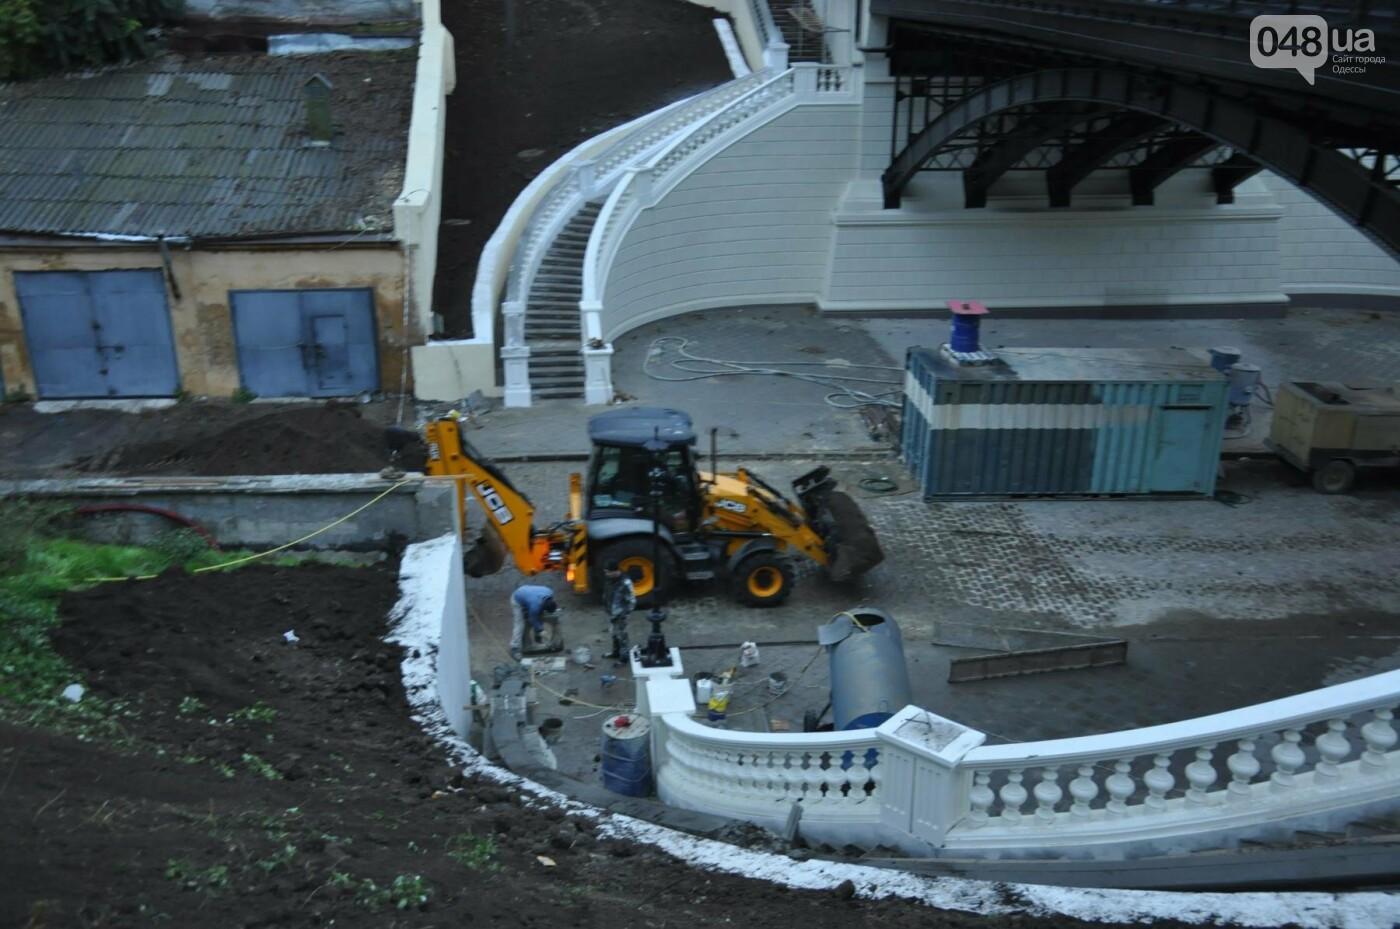 На реконструируемом мосту в Одессе провалился свежий асфальт (ФОТО), фото-13